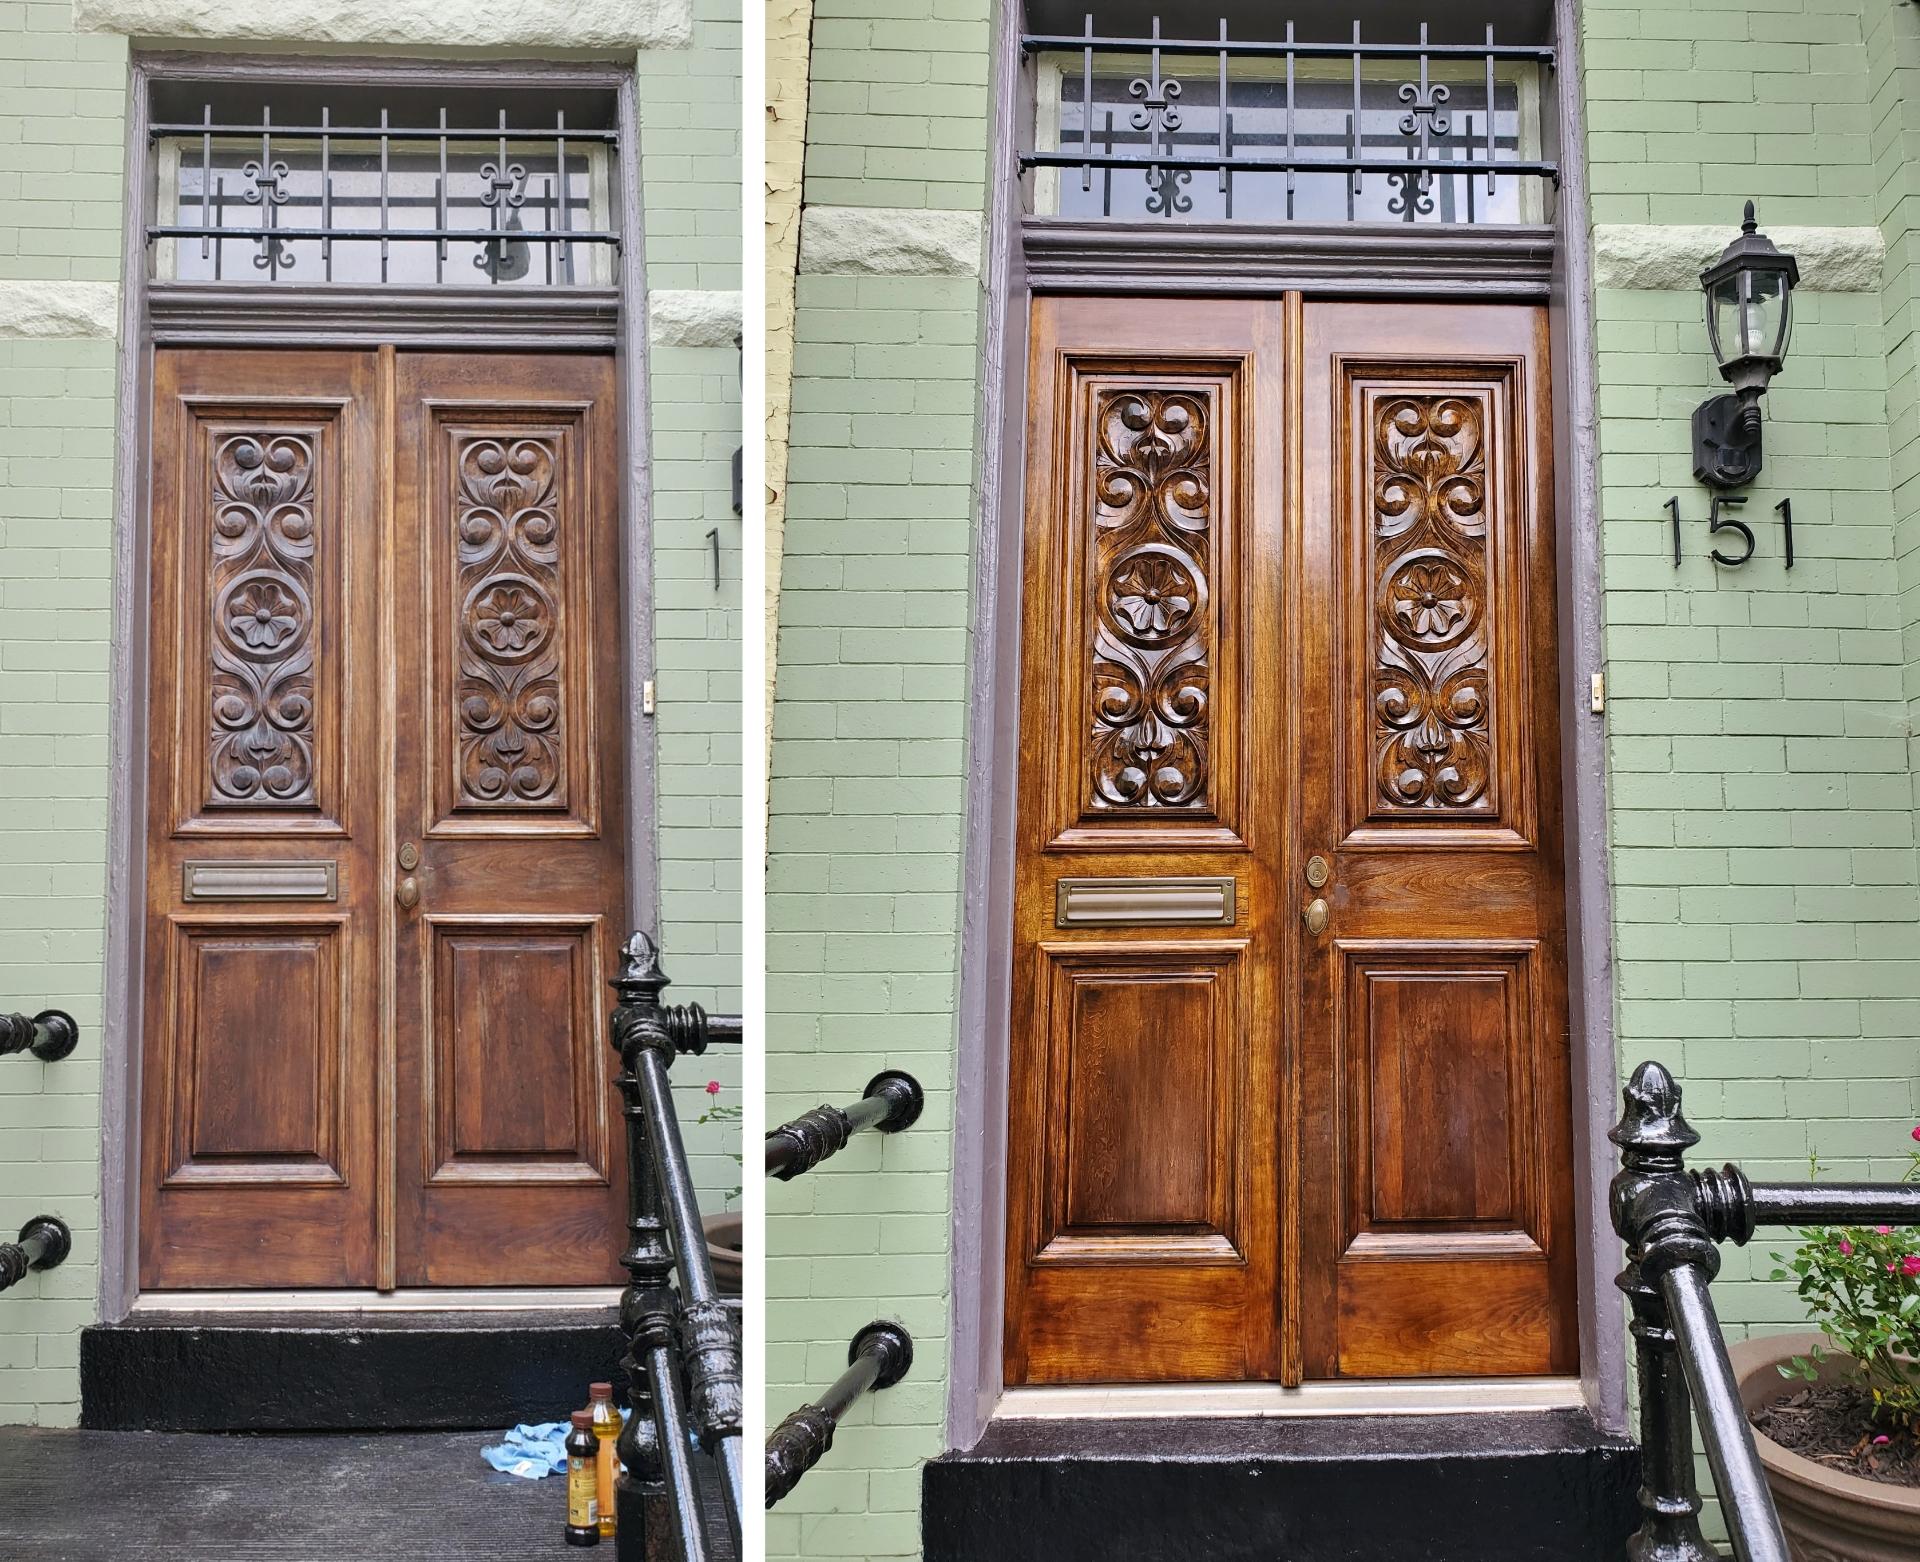 door rebuilt in washington, Dc by infinity design solutions